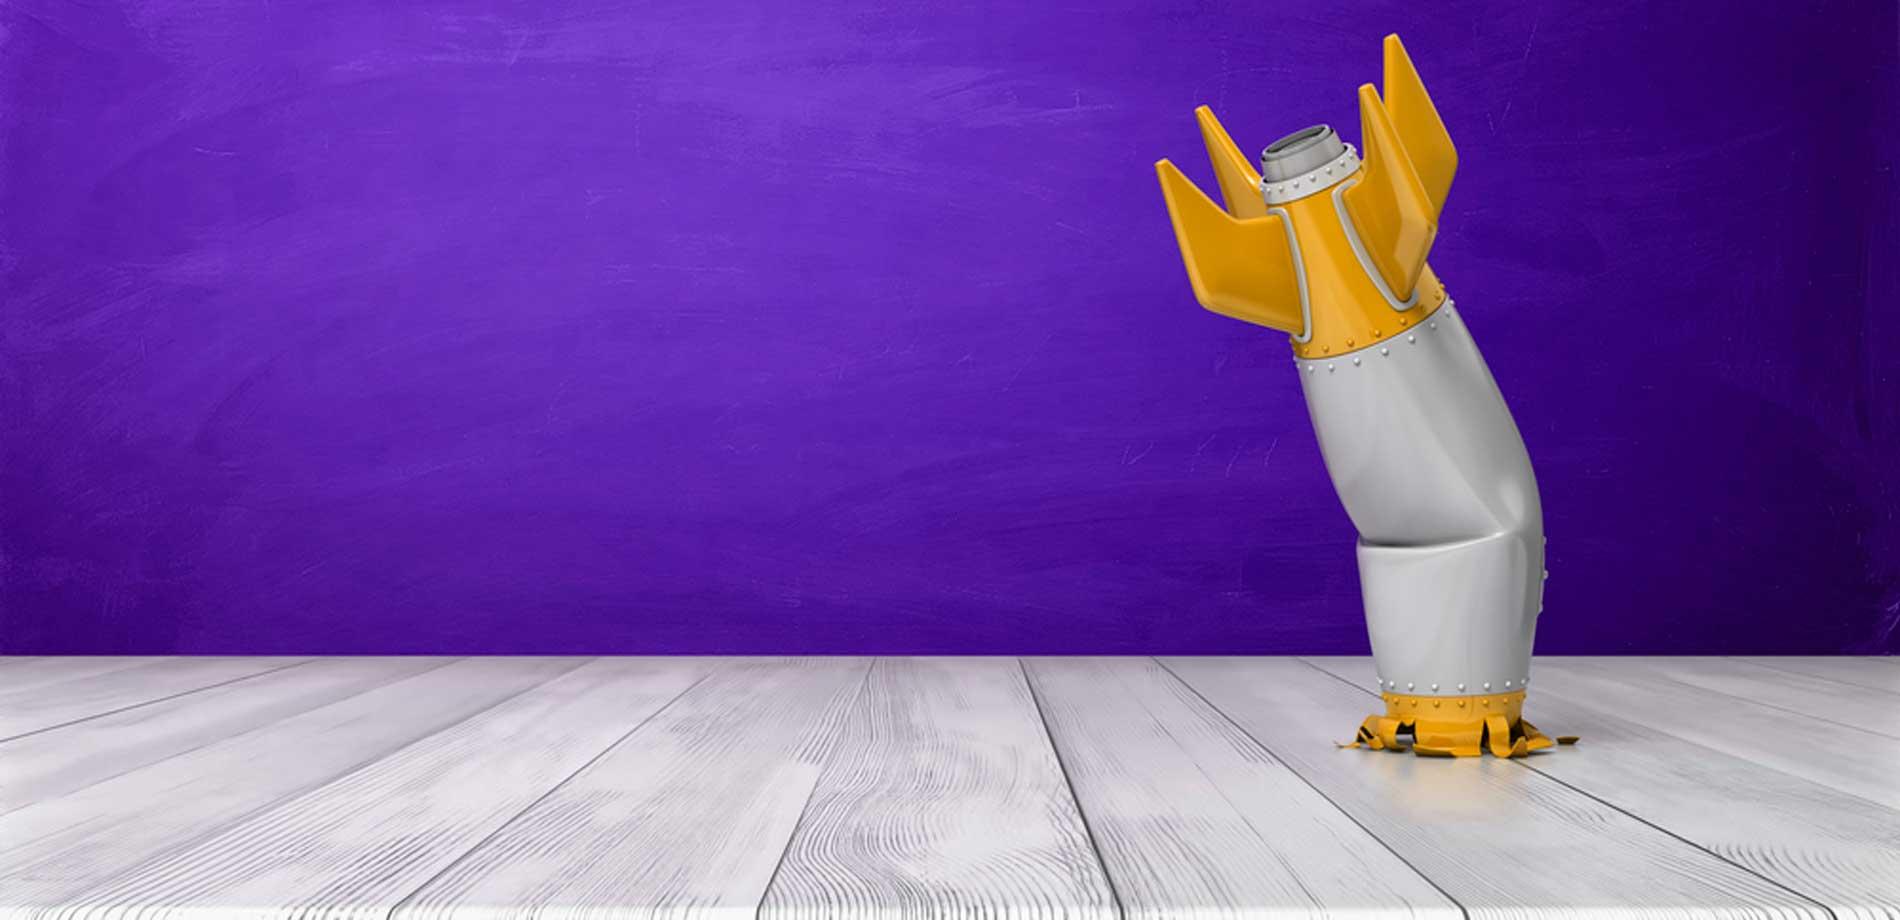 10 erros que você não deve cometer no Marketing Digital B2B